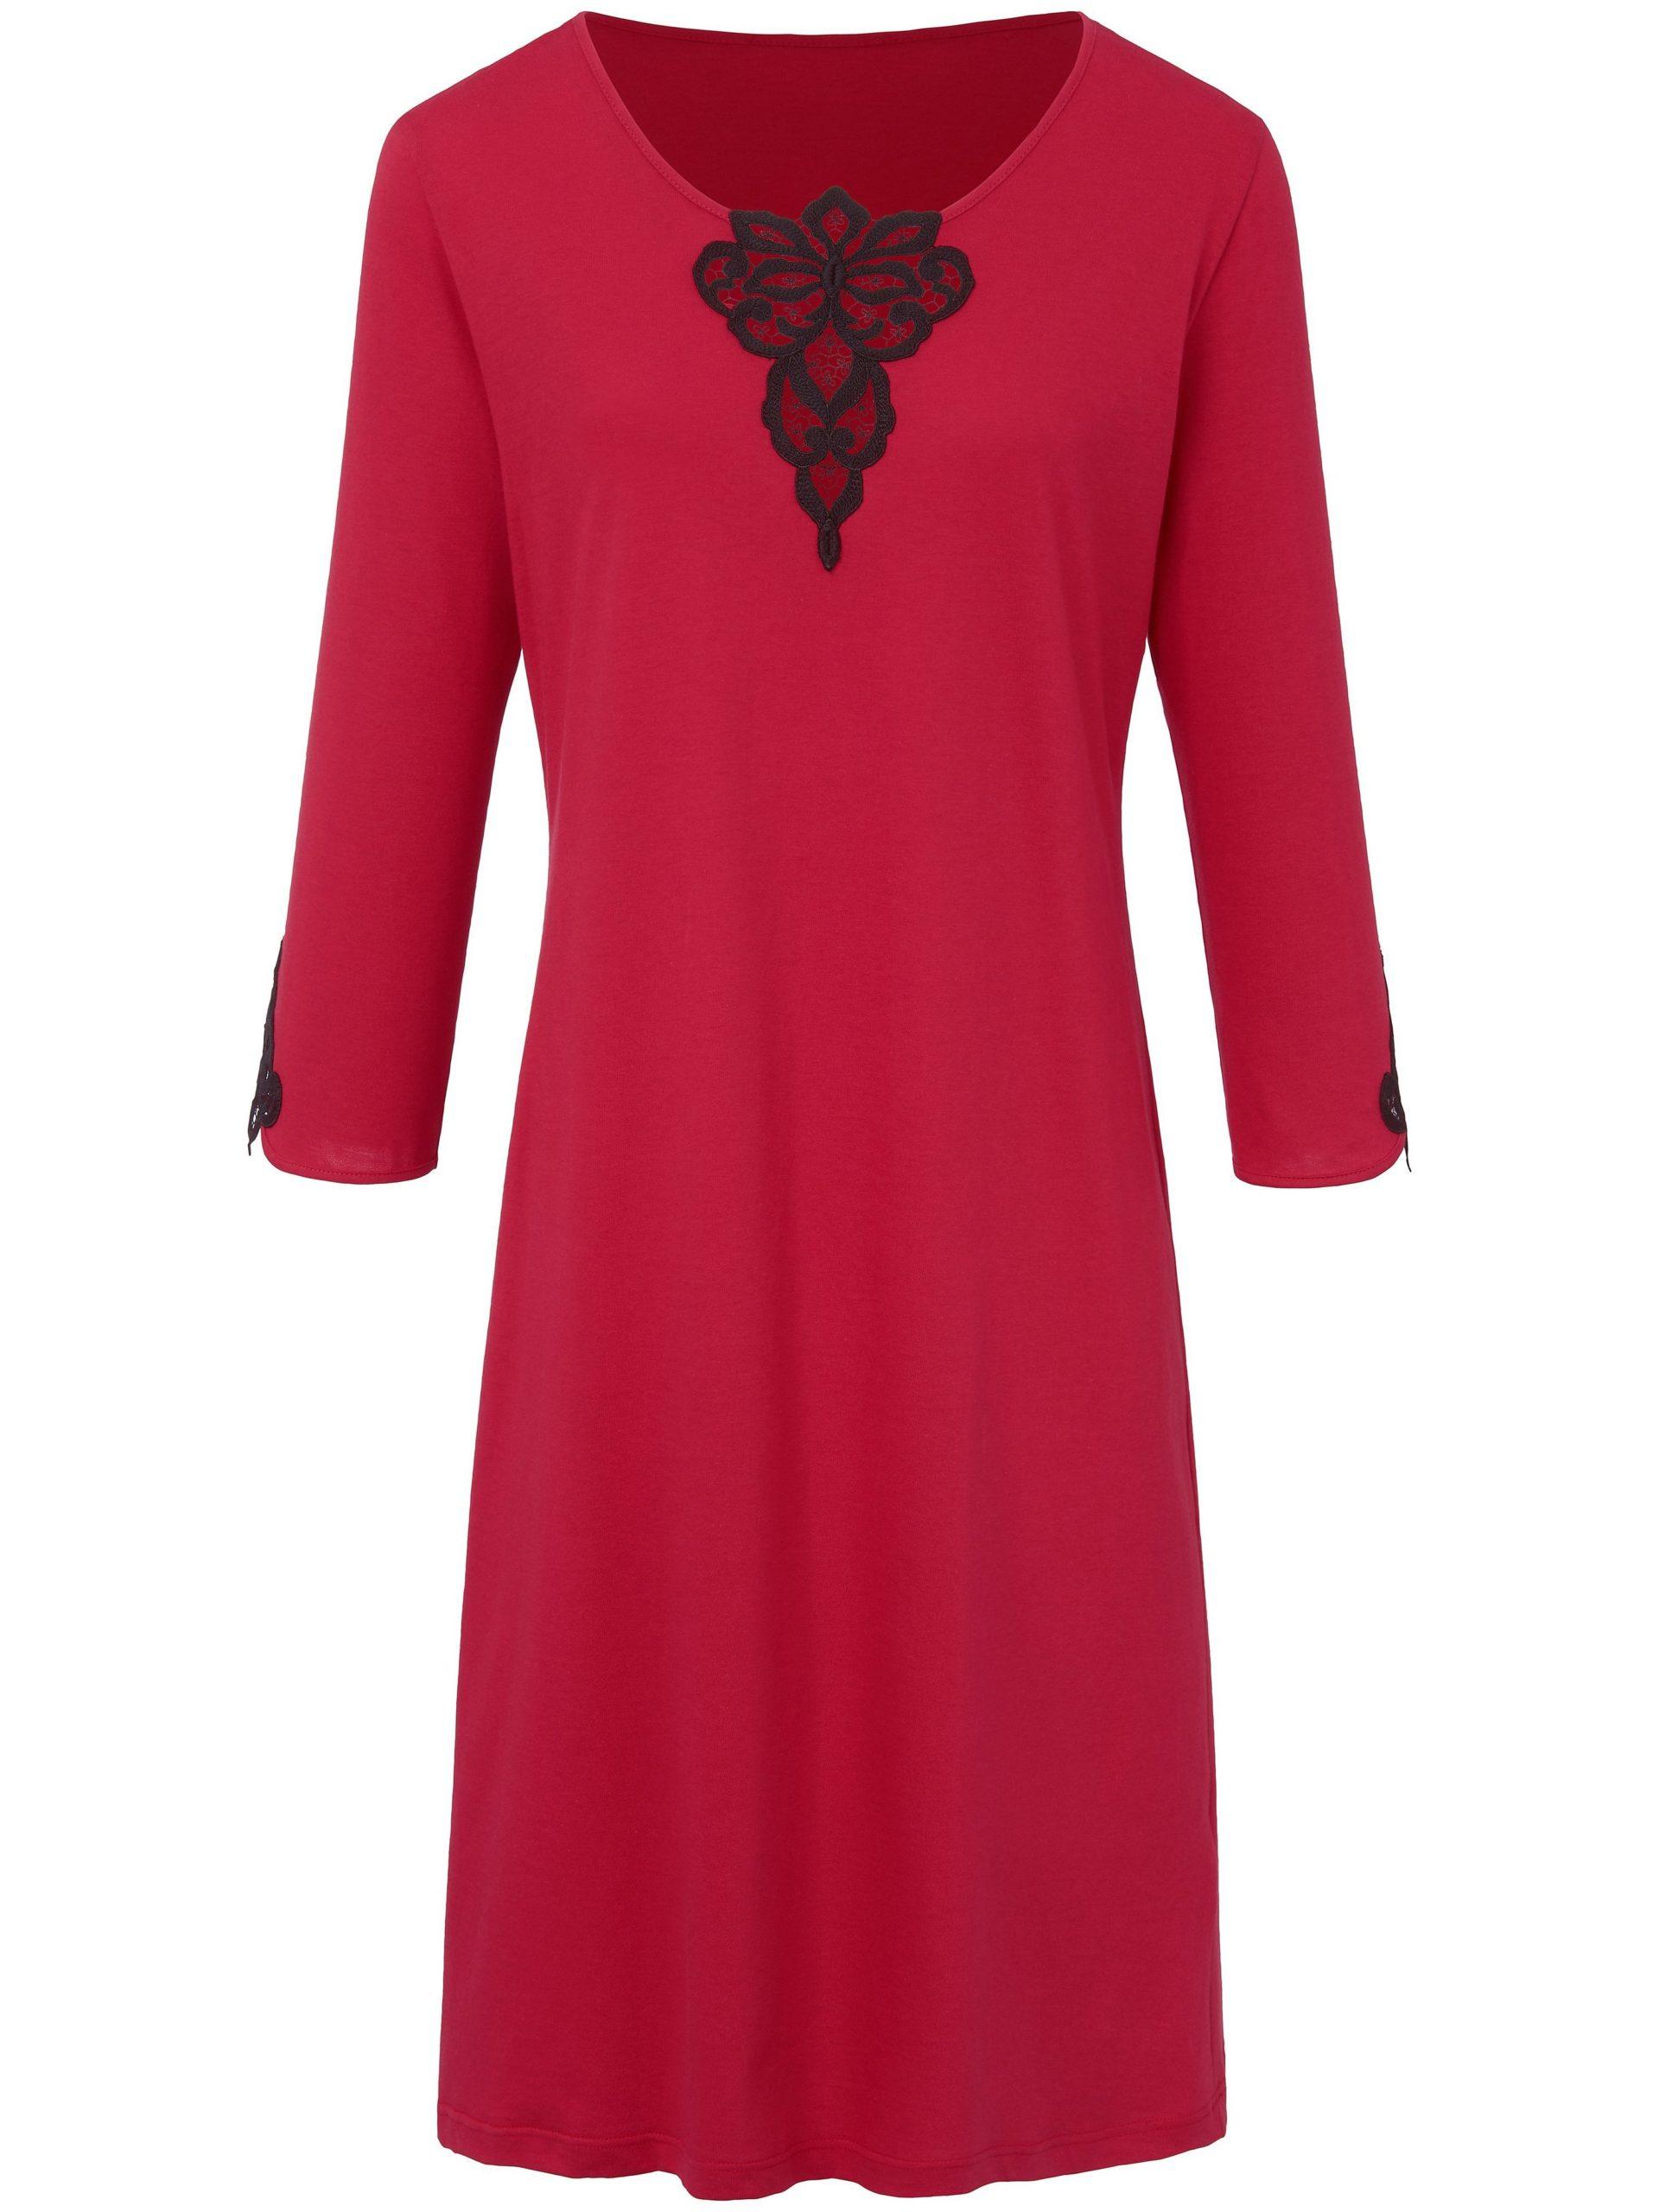 Nachthemd Van Hautnah rood Kopen